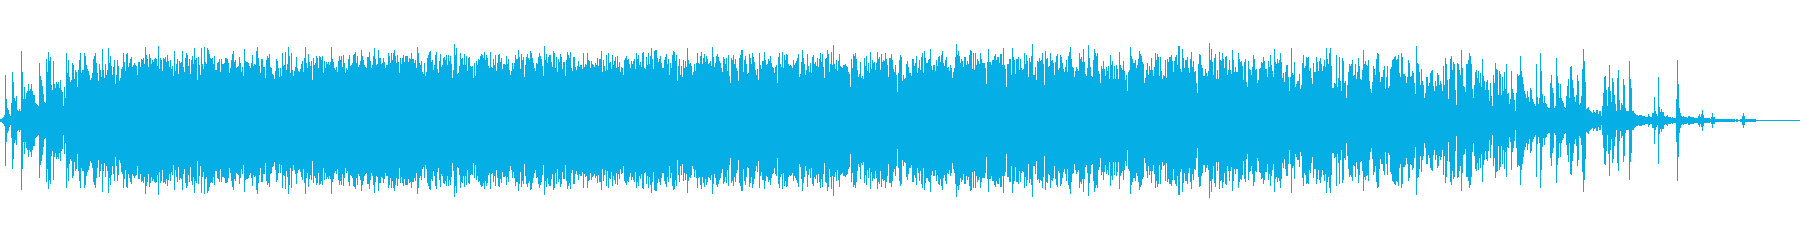 中聴衆の拍手;ヴィンテージ録音;群...の再生済みの波形